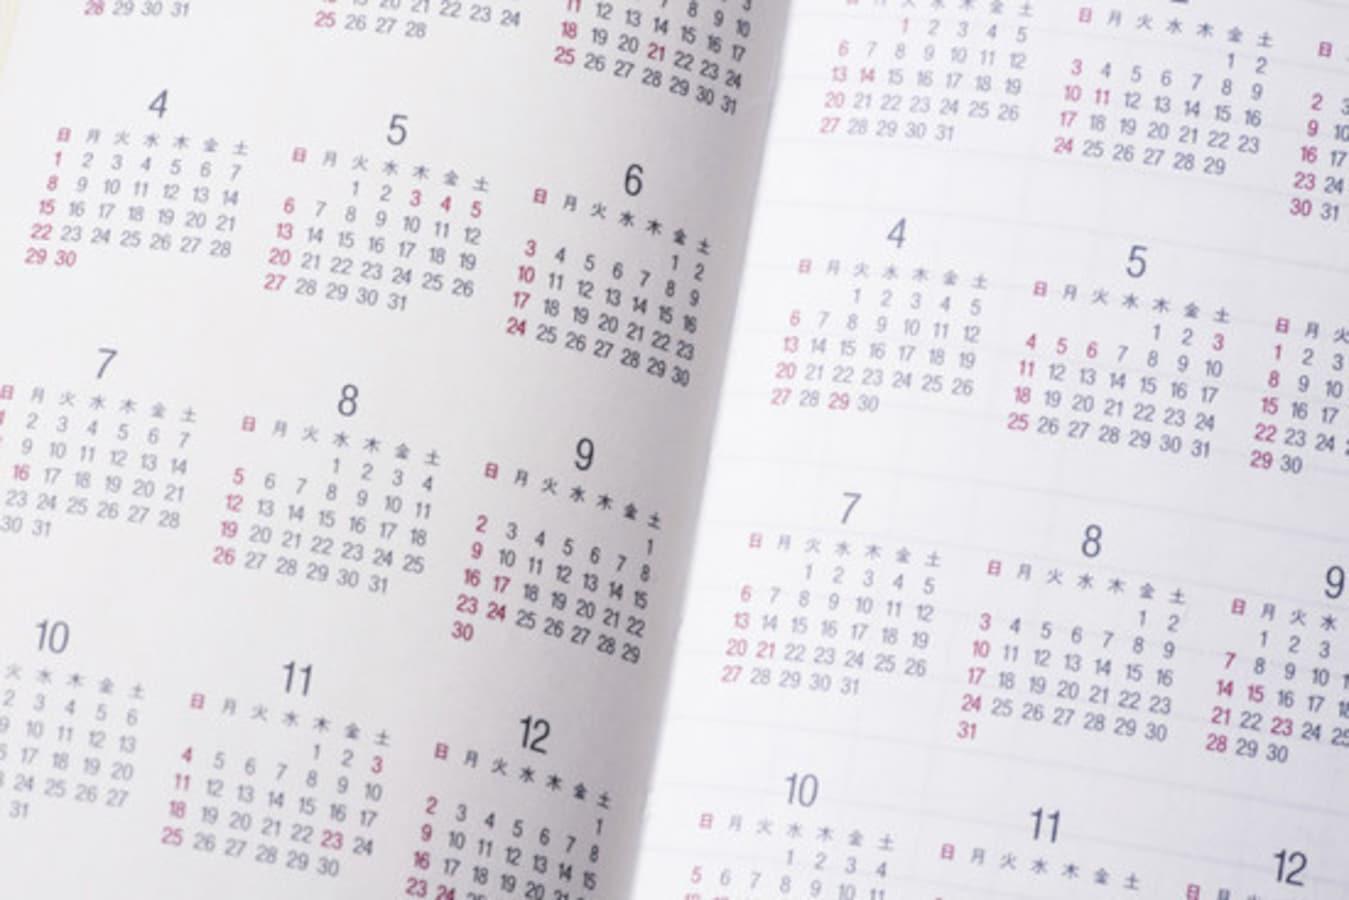 妊娠しているかどうかを知るには何日待つ必要がありますか?